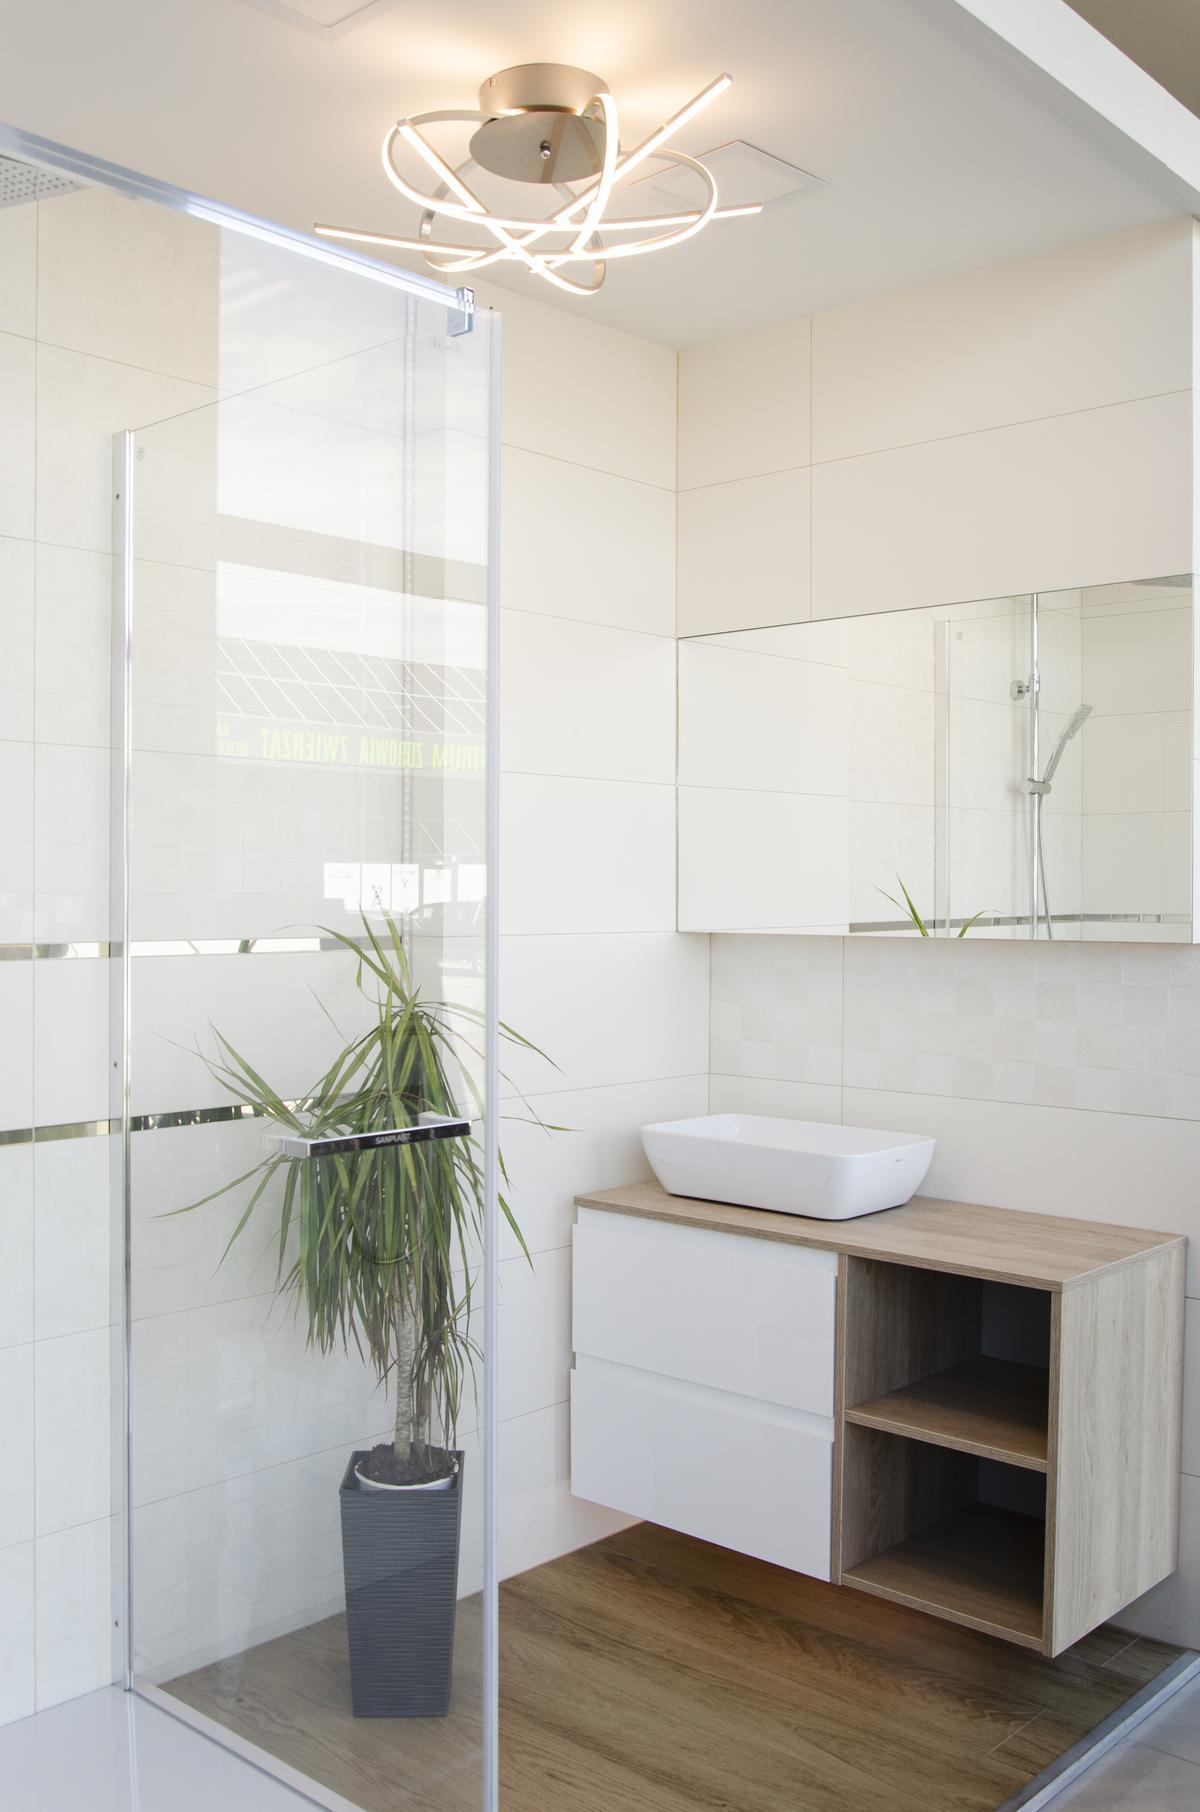 Aranżacja jasnej, ciepłej łazienki z kabiną prysznicową - zdjęcie od BLU salon łazienek Pułtusk